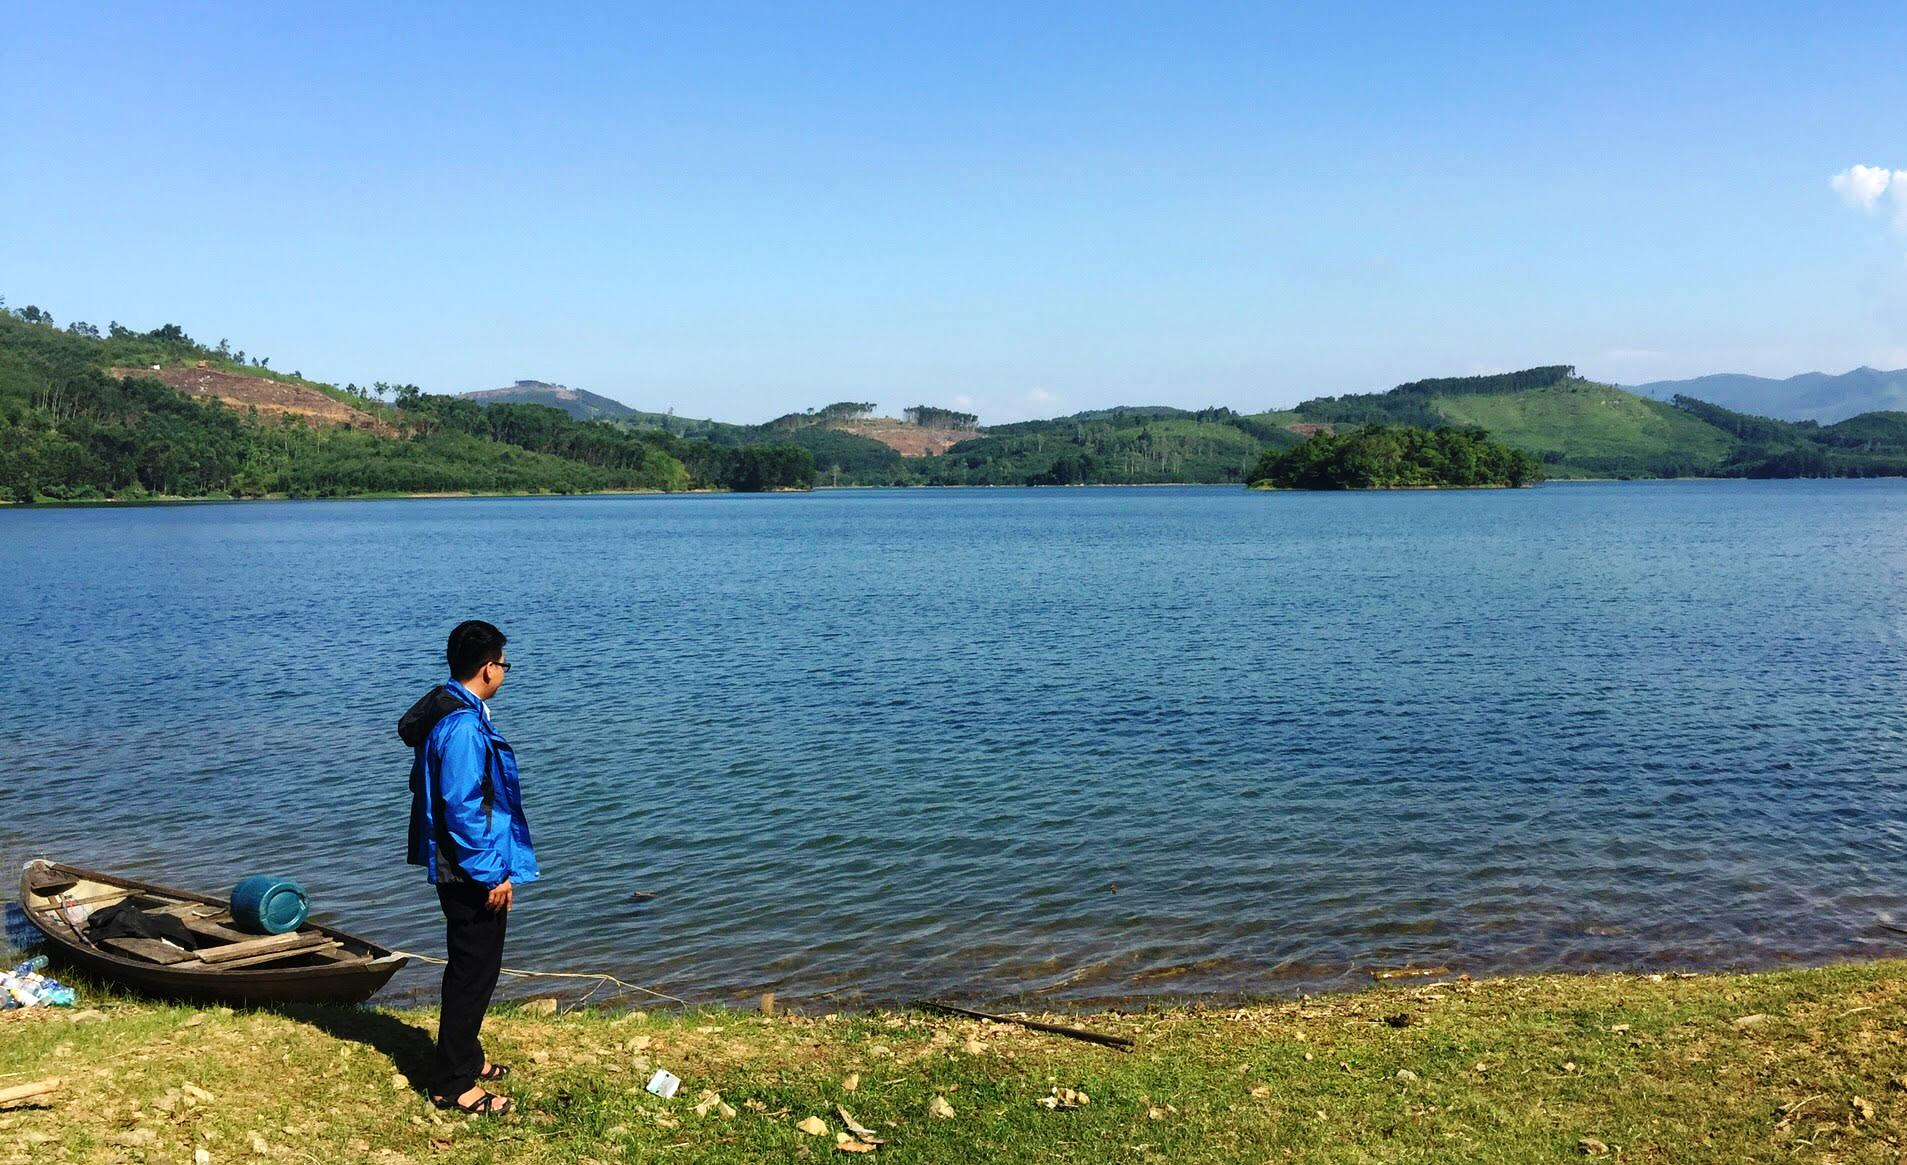 Dù lượng nước hiện tại ở các hồ đang ổn định nhưng vẫn gặp khó khăn khi trong công tác cung ứng nước tưới. Ảnh: PHAN VINH